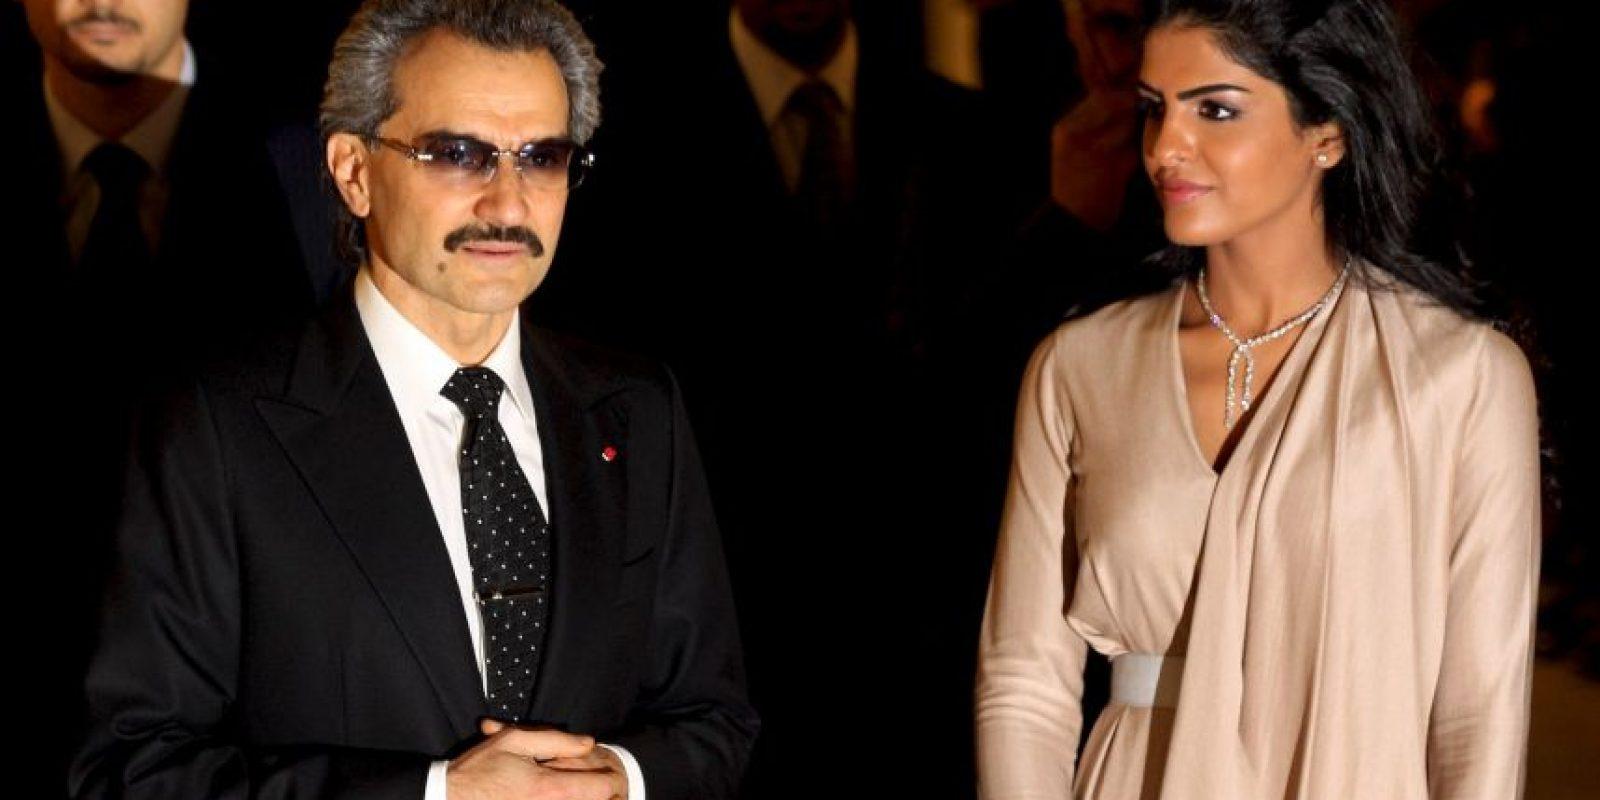 Príncipe Alwaleed Bin Talal Alsaud, de Arabia Saudita, tiene una fortuna valuada en $17.3 mil millones de dólares. Foto:Getty Images